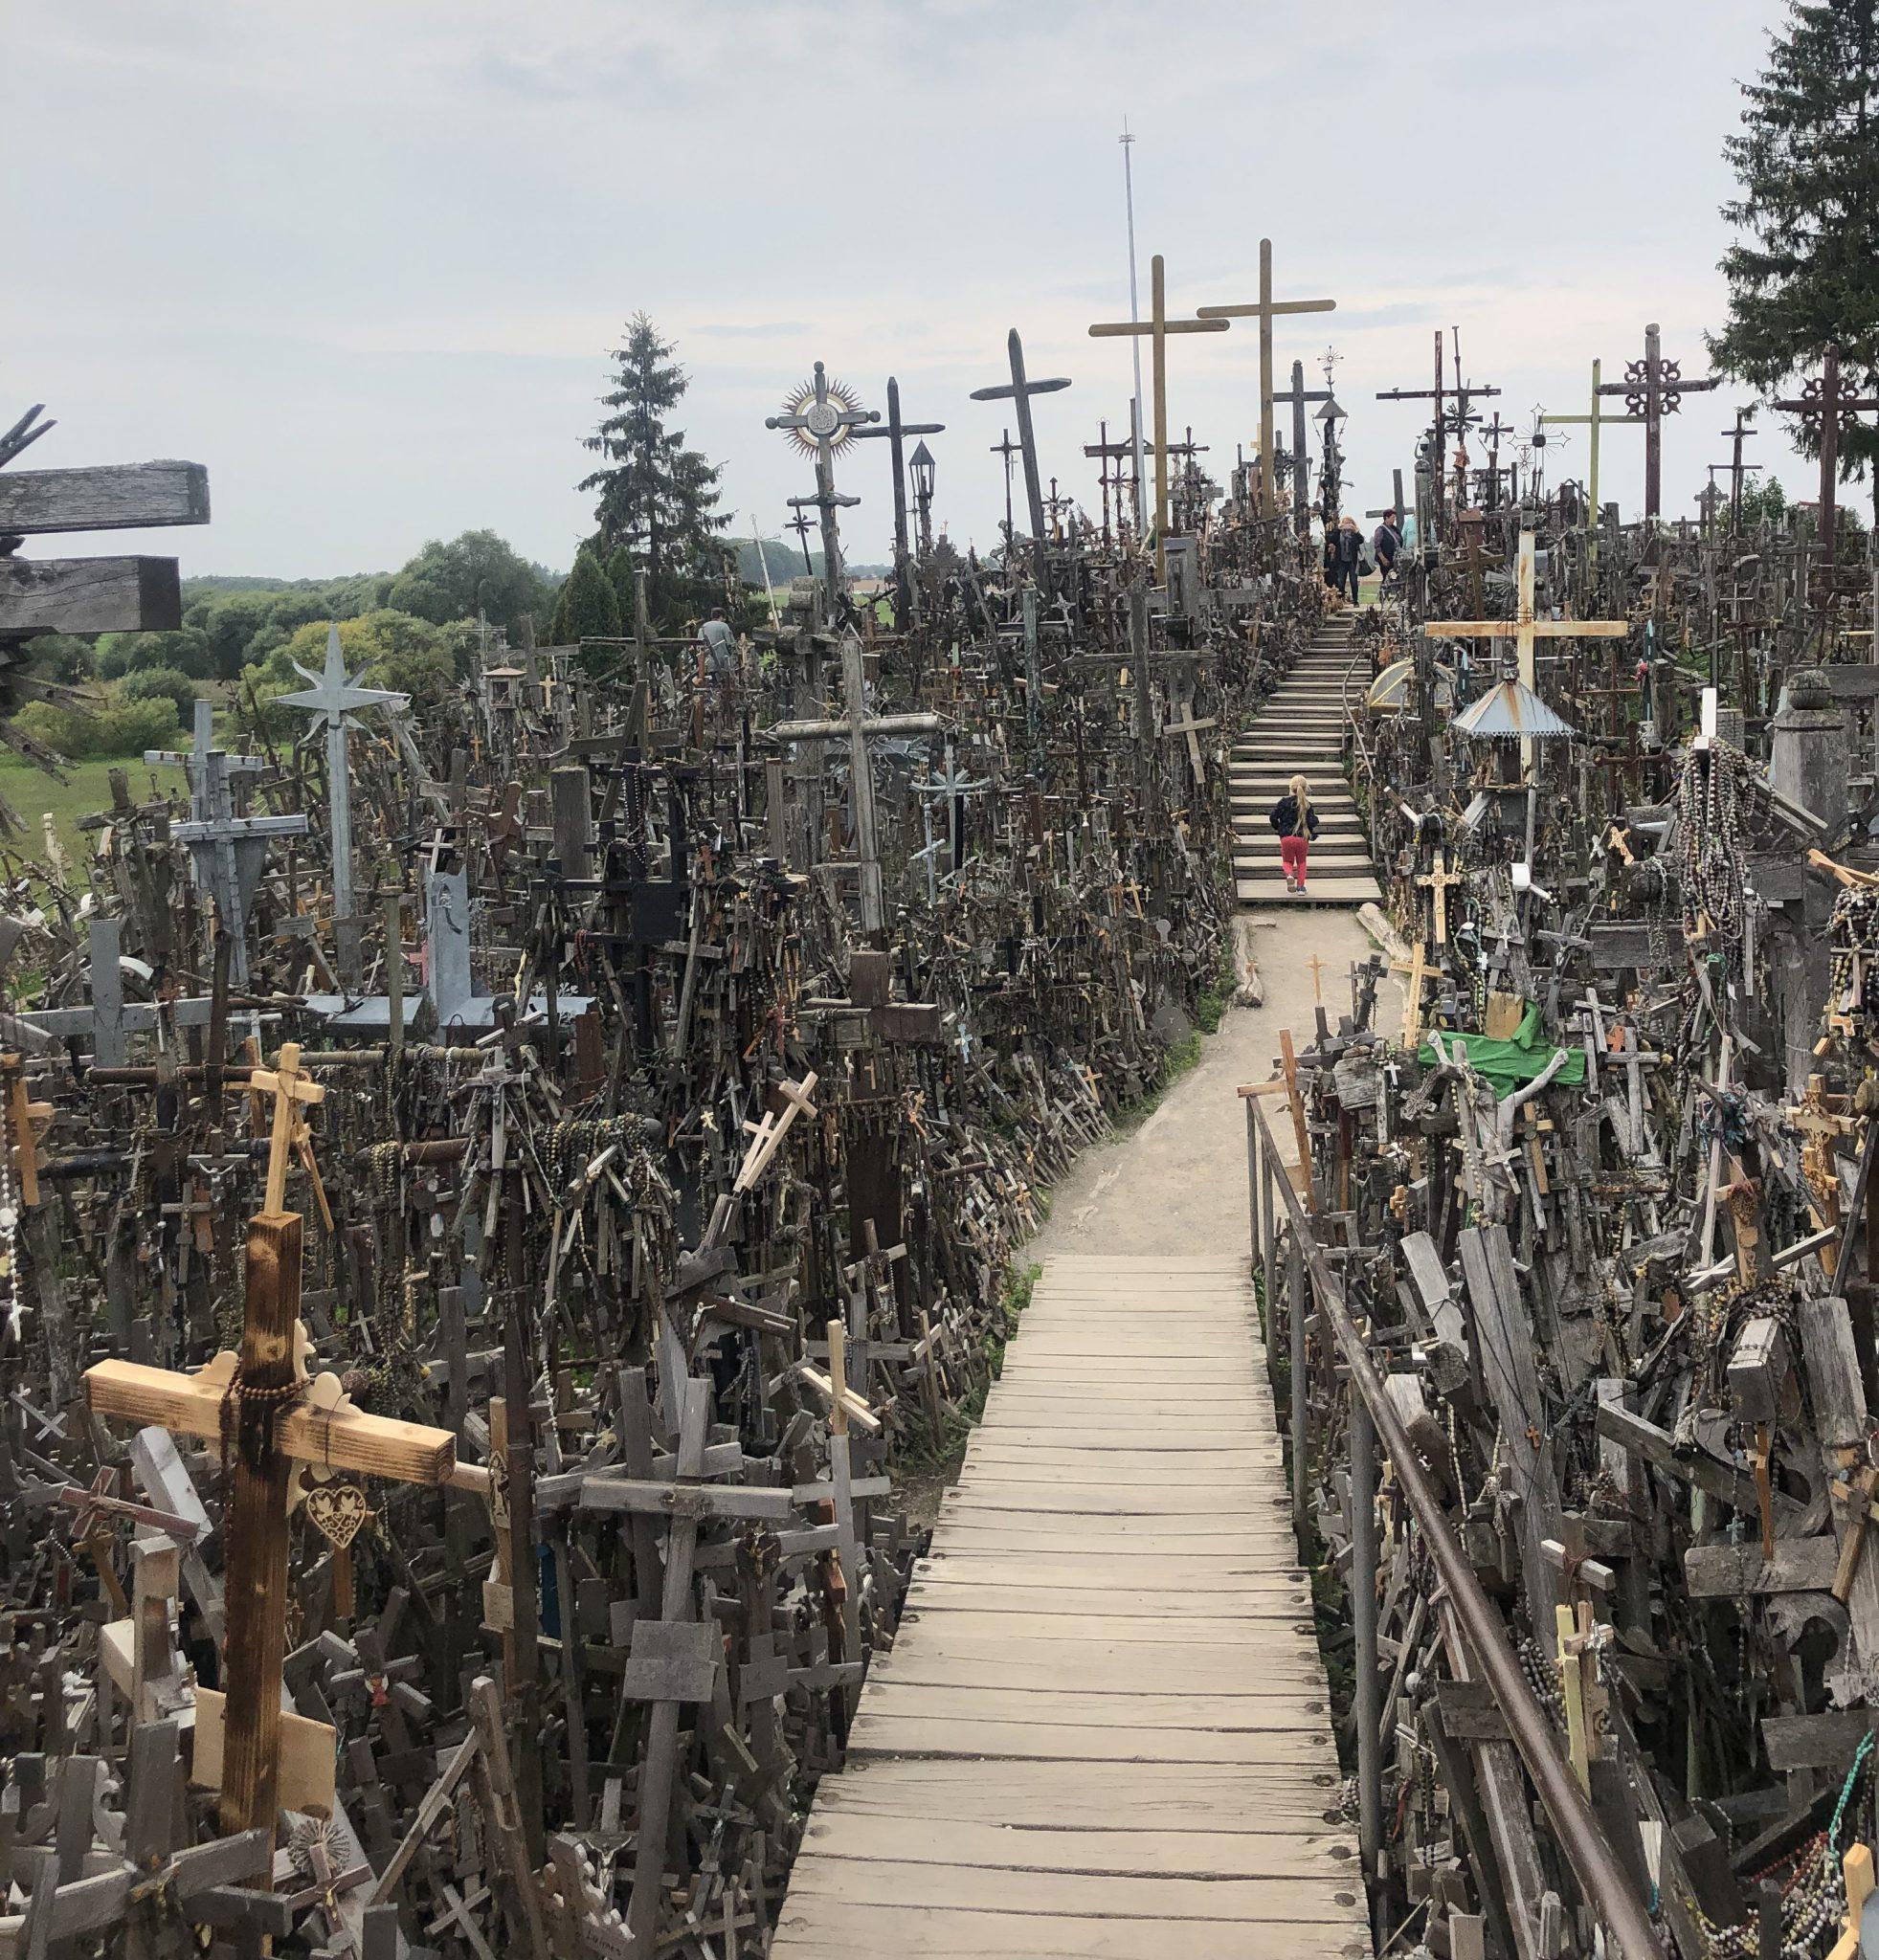 Der Berg der Kreuze ist ein katholisch und touristisch geprägter Wallfahrtsort in Litauen